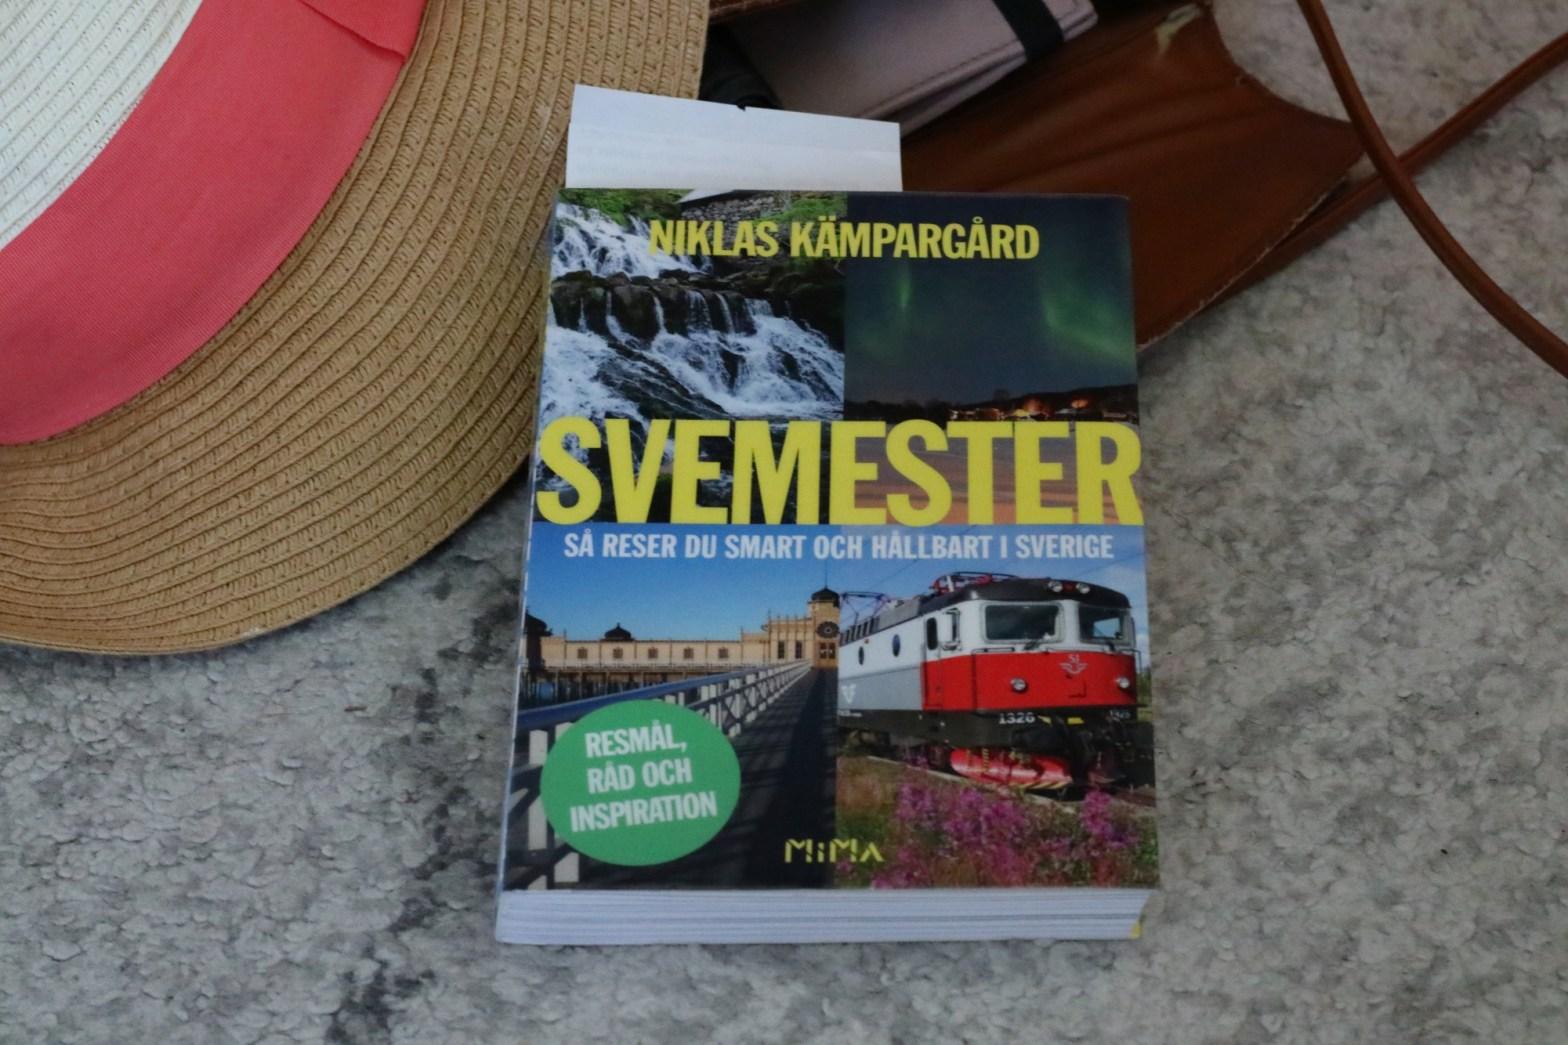 Svemester av Niklas Kämpargård